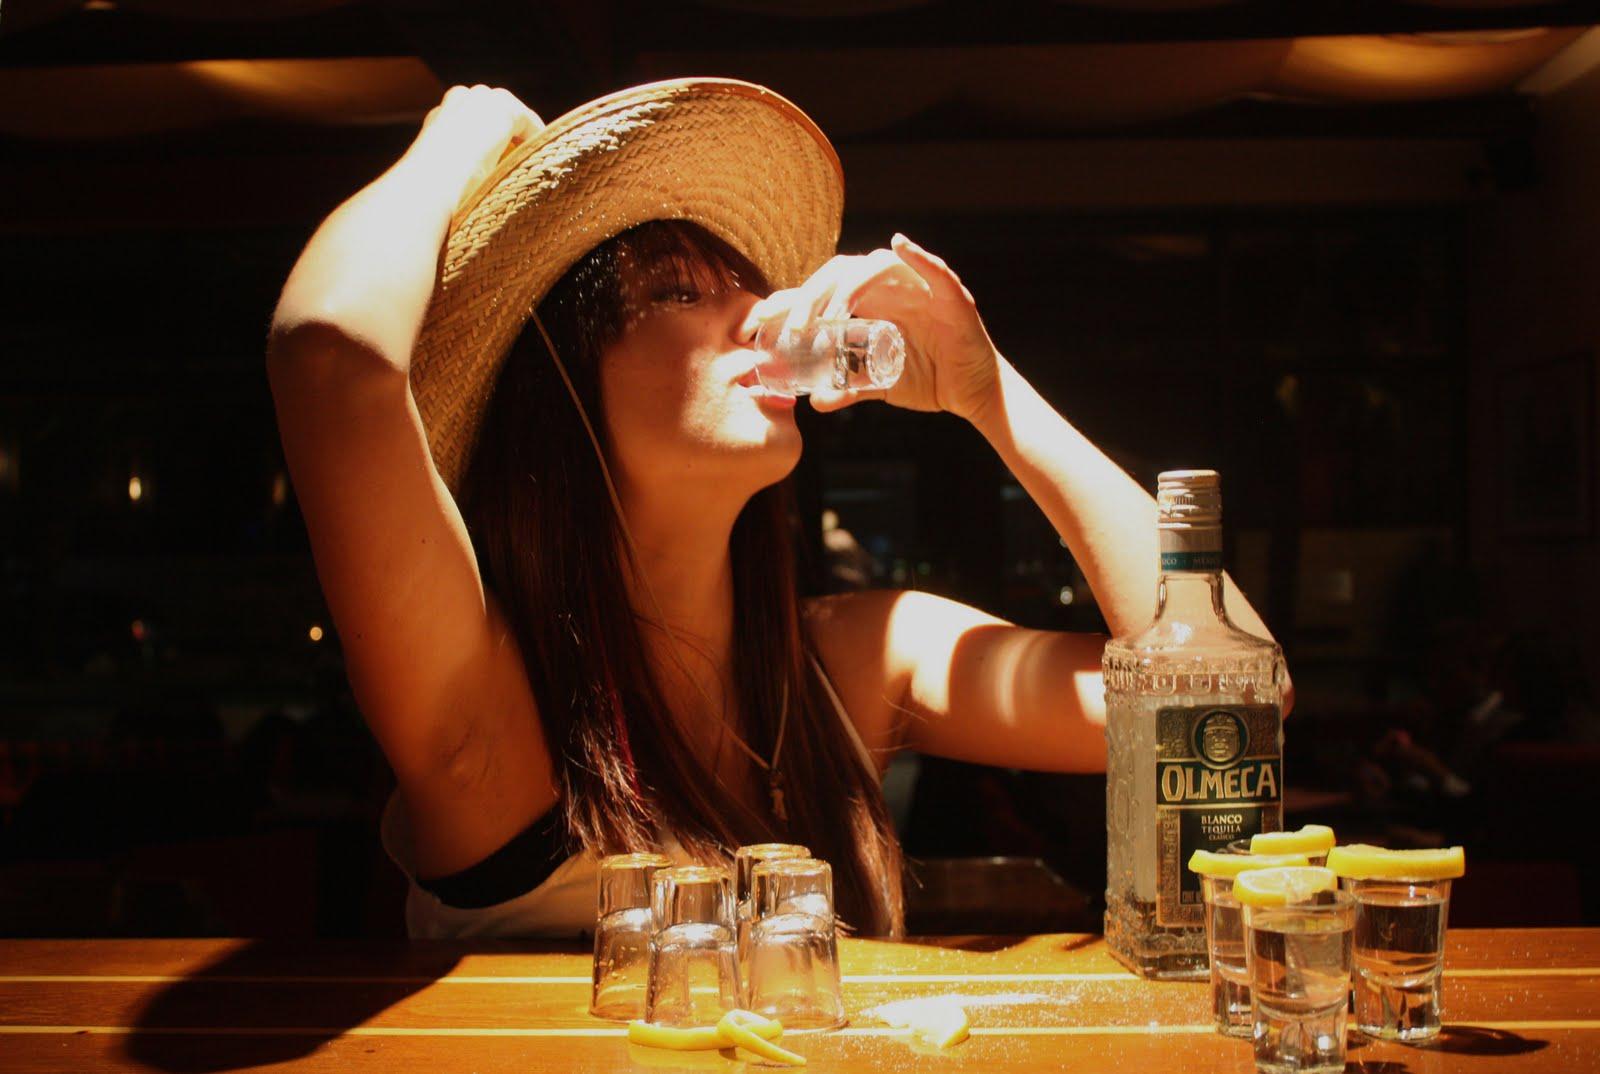 Девушка с бутылкой смешные картинки, про людей